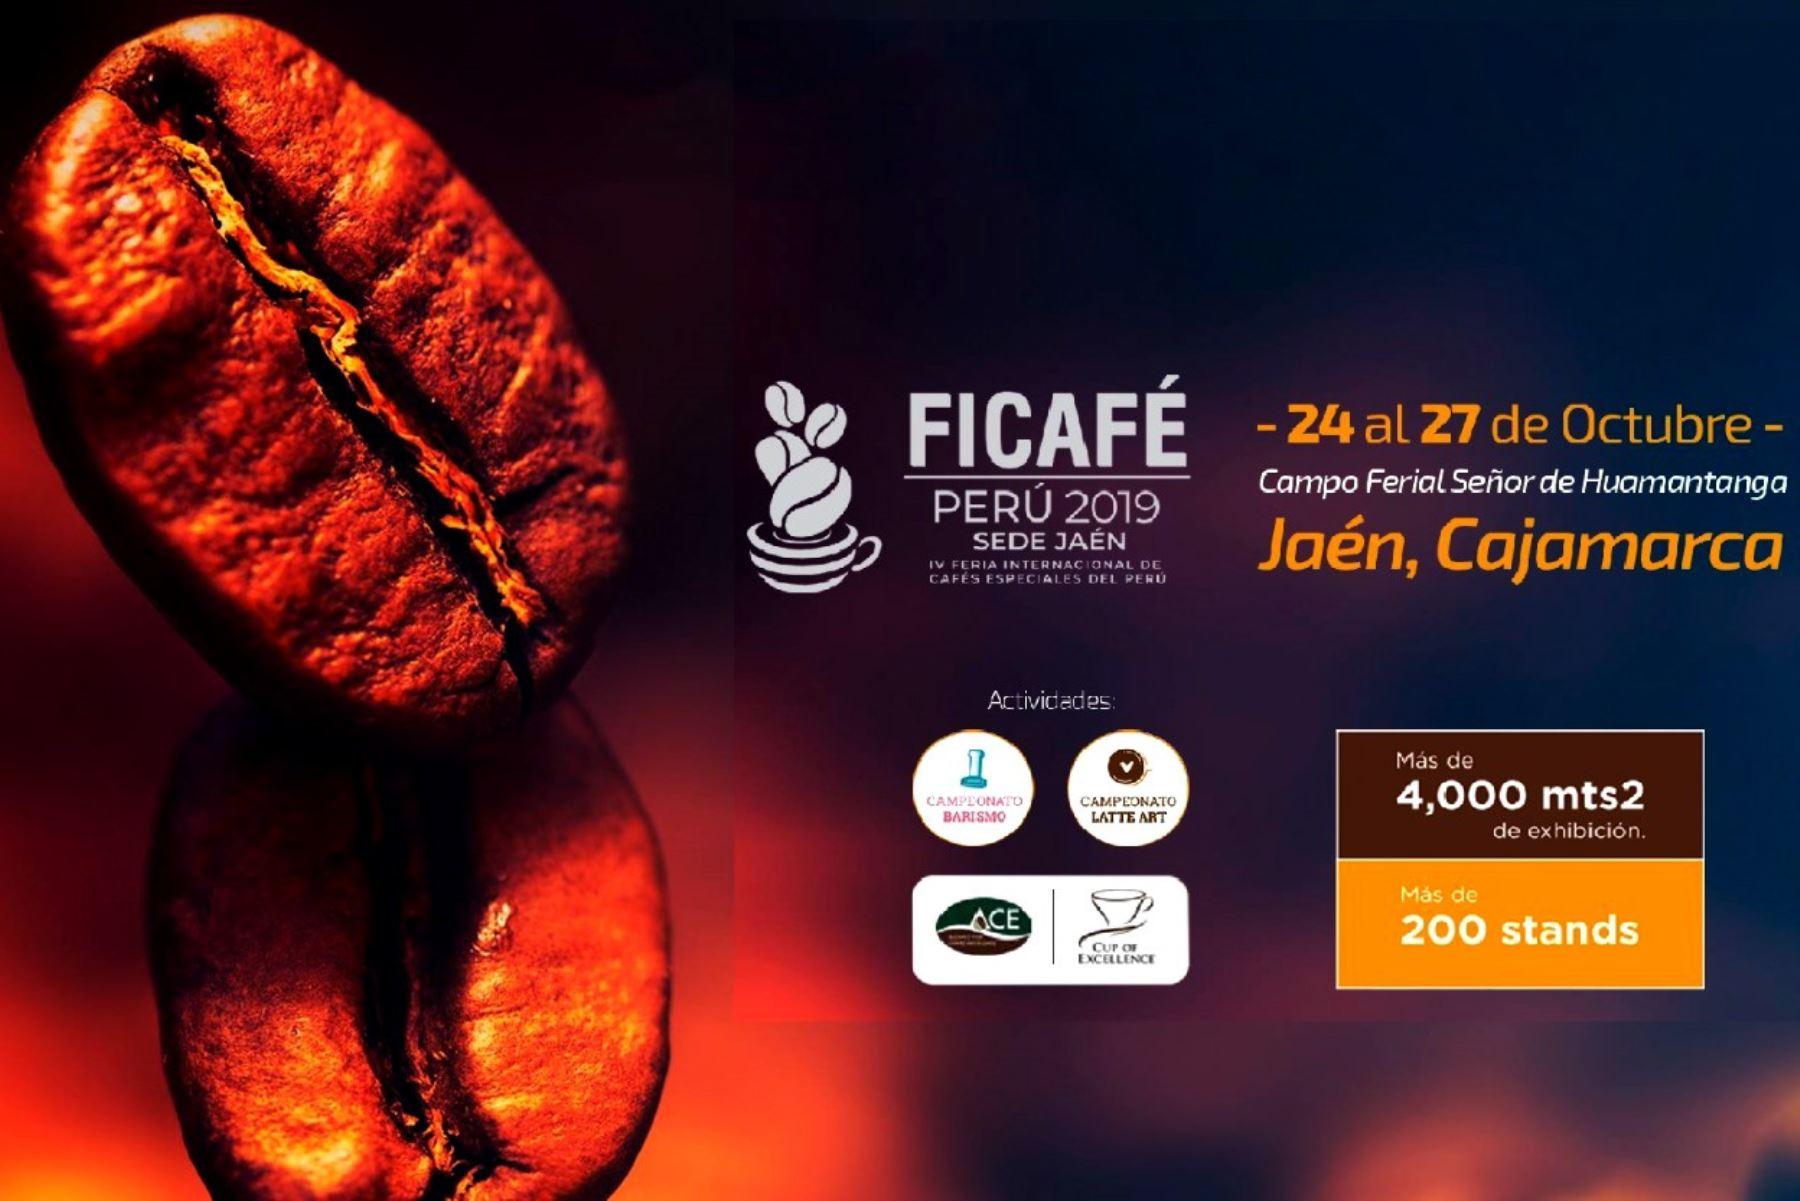 Del 24 al 27 de octubre se efectuará la IV Feria Internacional de Café en la provincia de Jaén, región Cajamarca.